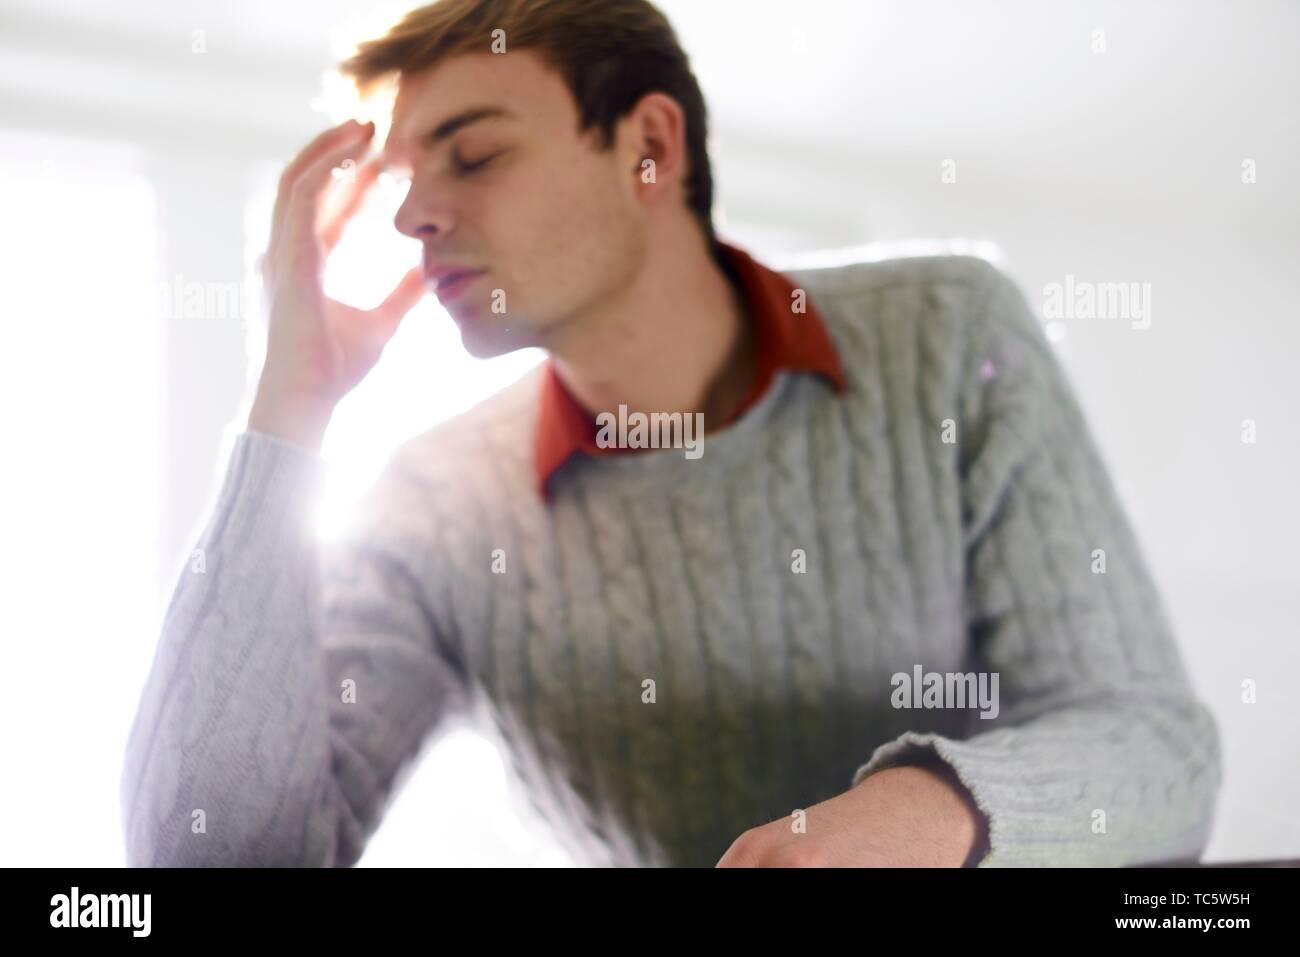 Joven desesperado con las manos en la cabeza, burnout, estudiante, hombre de negocios, agotado, estresante Imagen De Stock